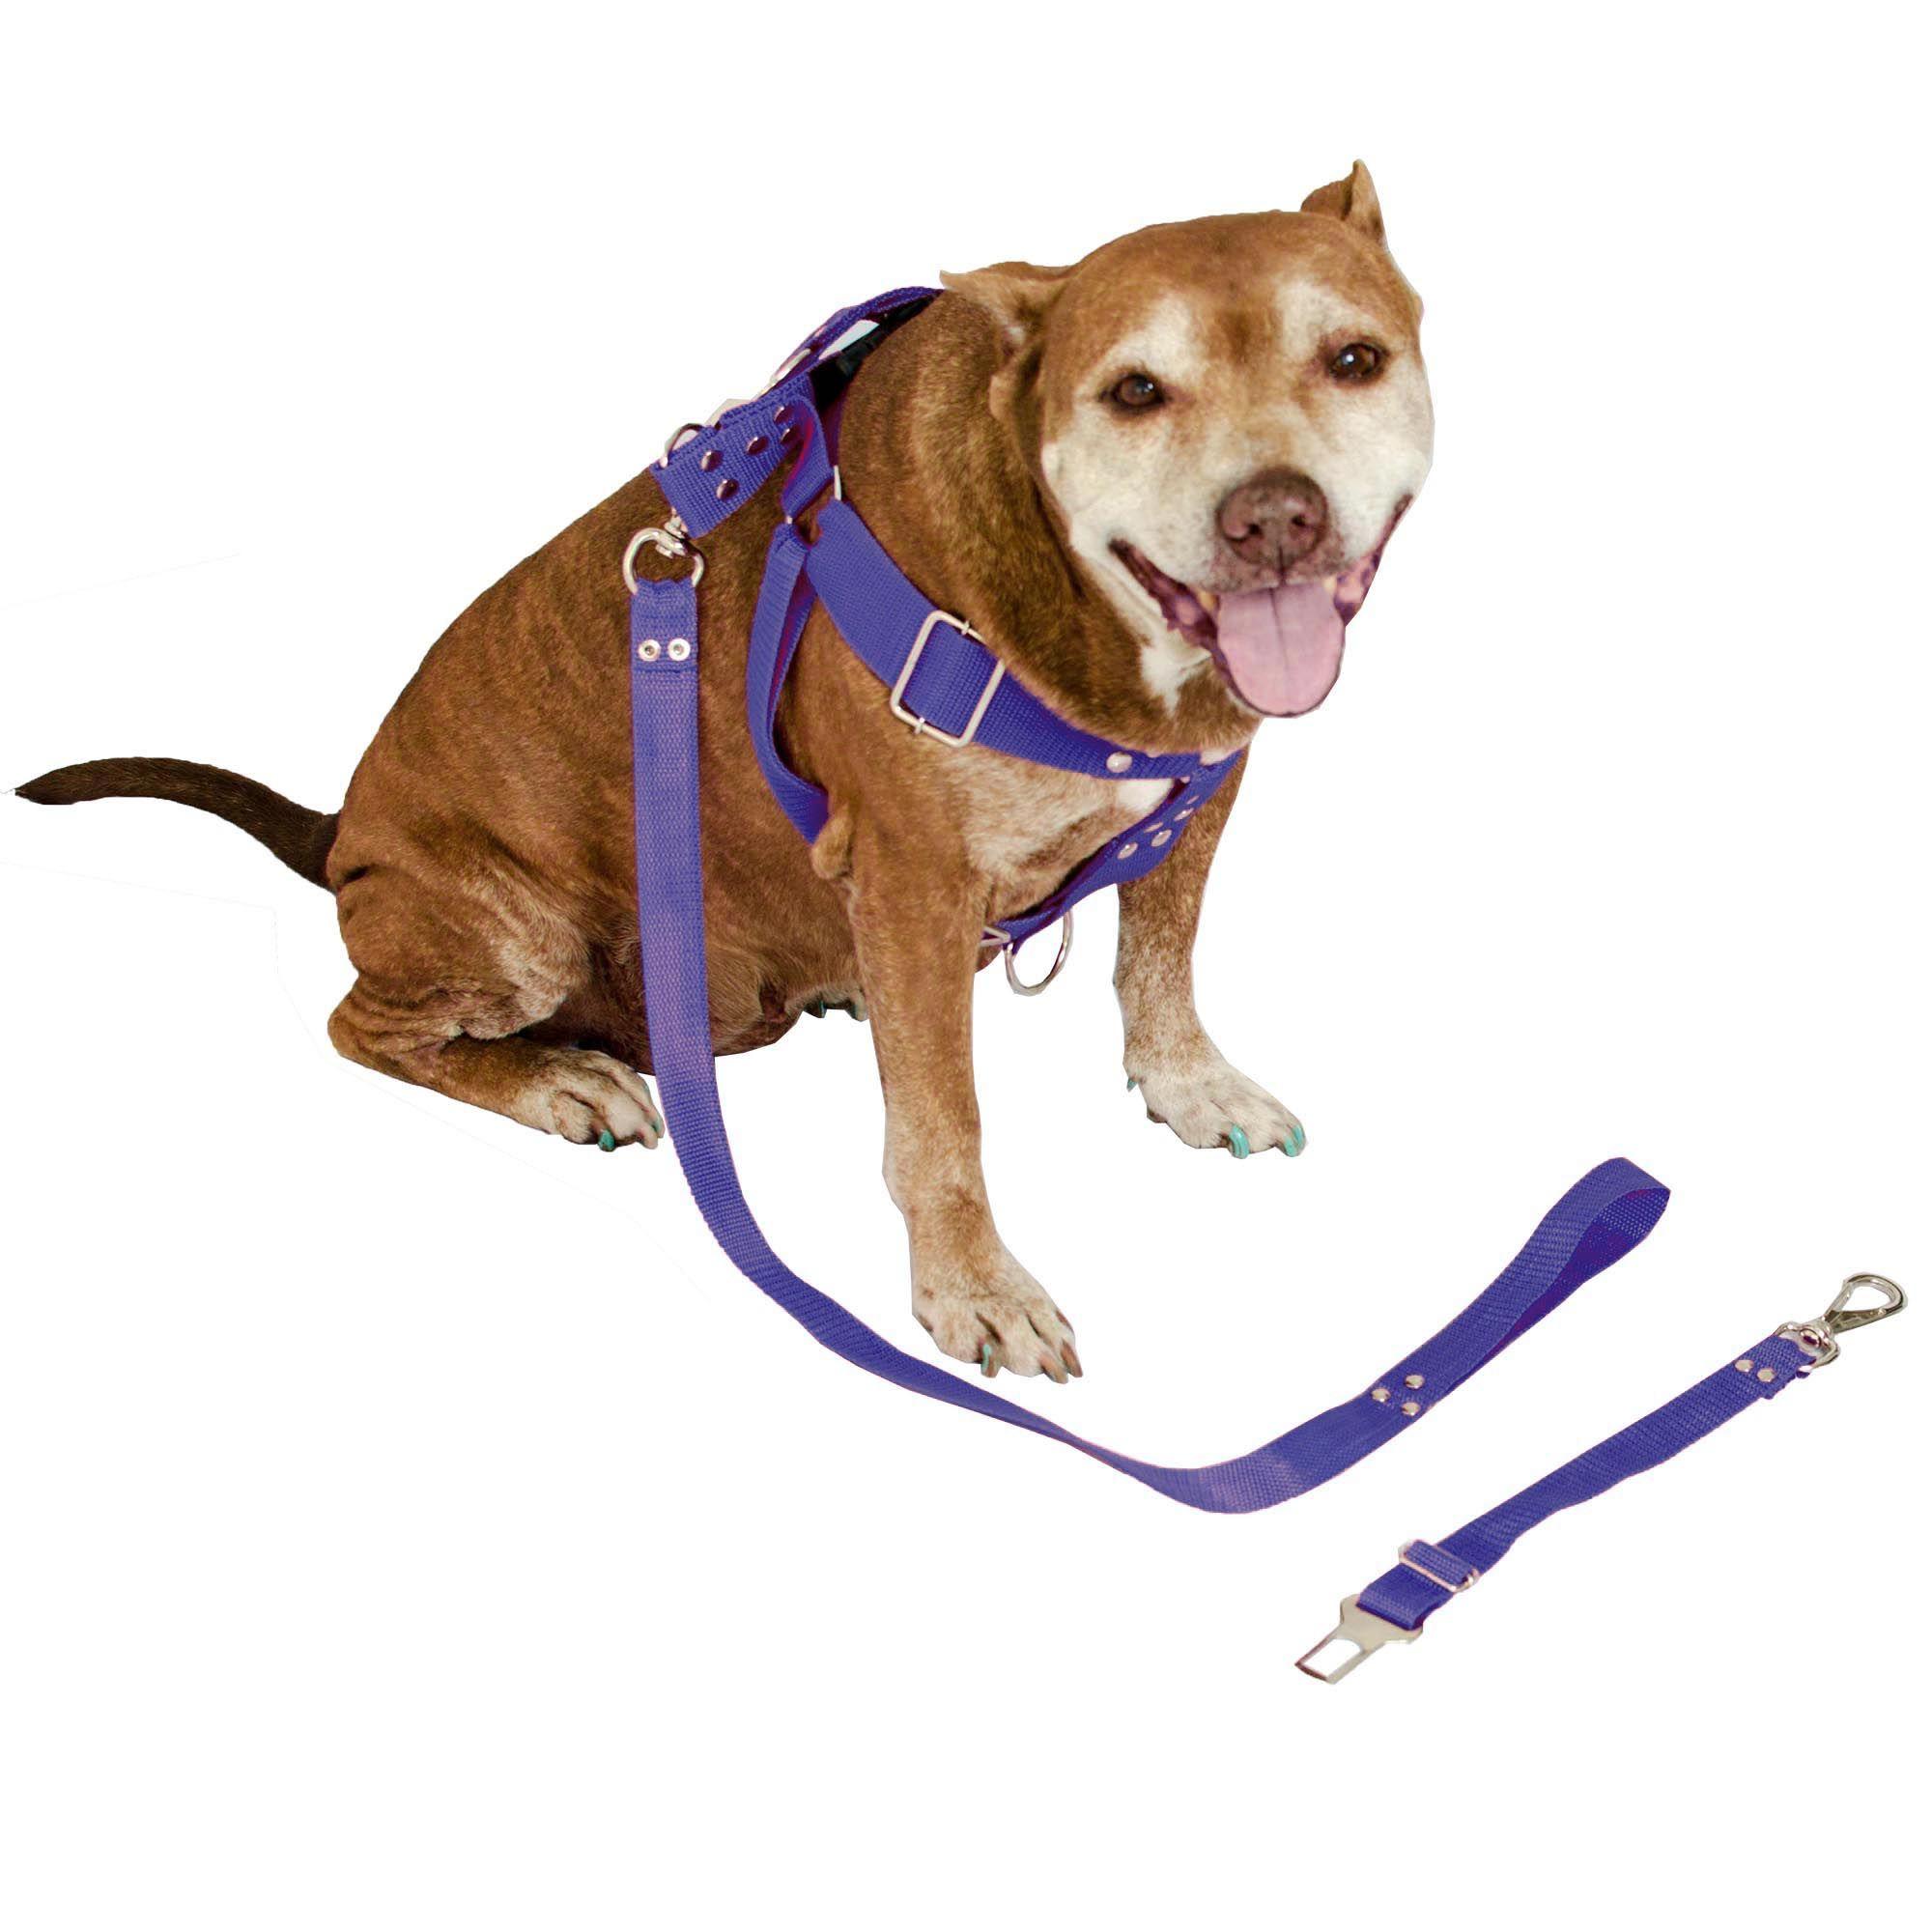 Peitoral Cachorro com Guia e Adaptador serve Pit Bull Labrador